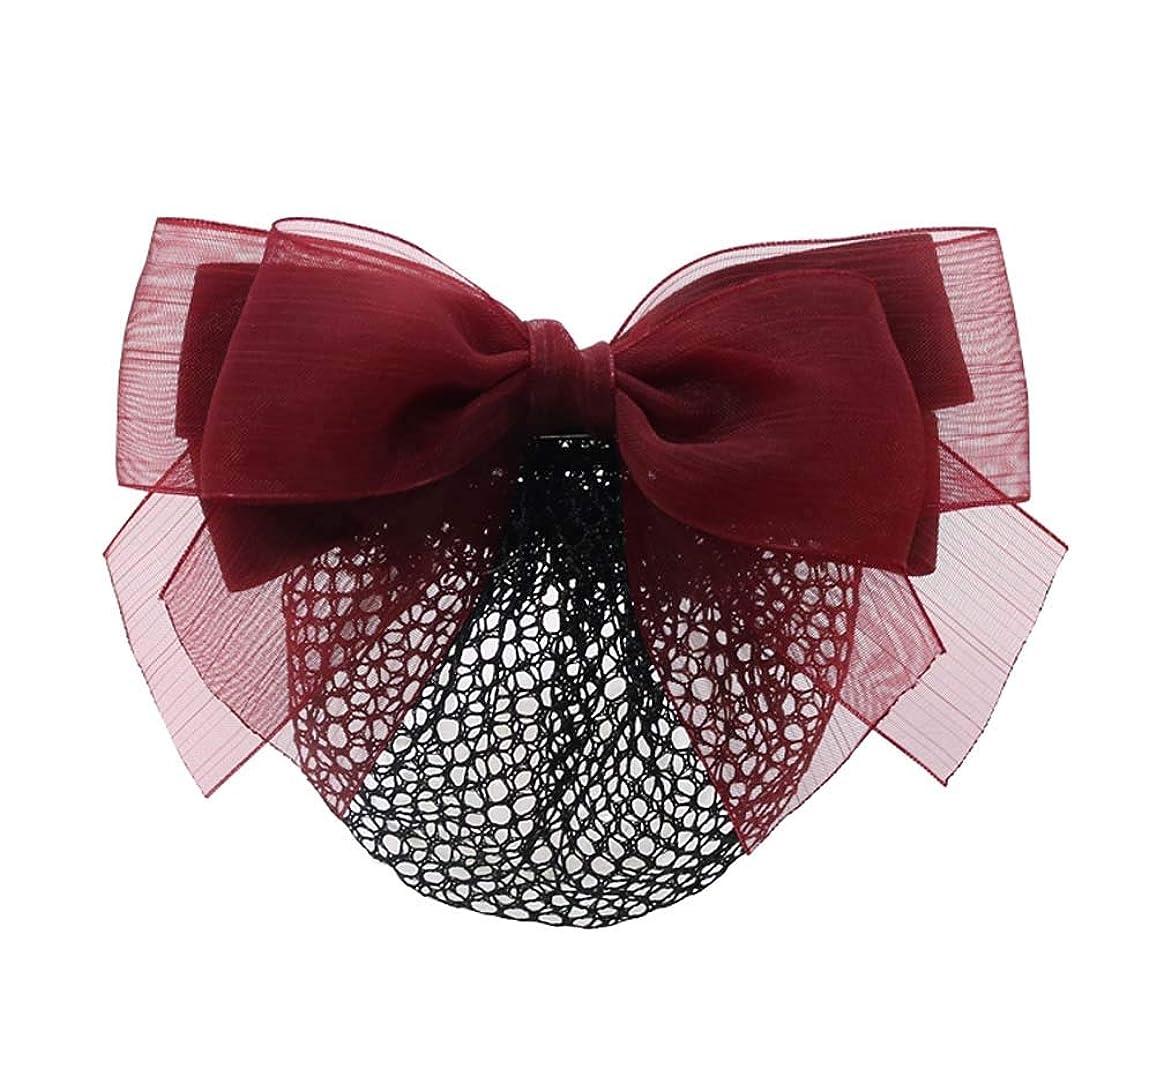 決定する一部電気2枚おだんごヘアカバーネッツ女性の女の子のためのちょう結びの装飾ヘアクリップ、 ワインレッド